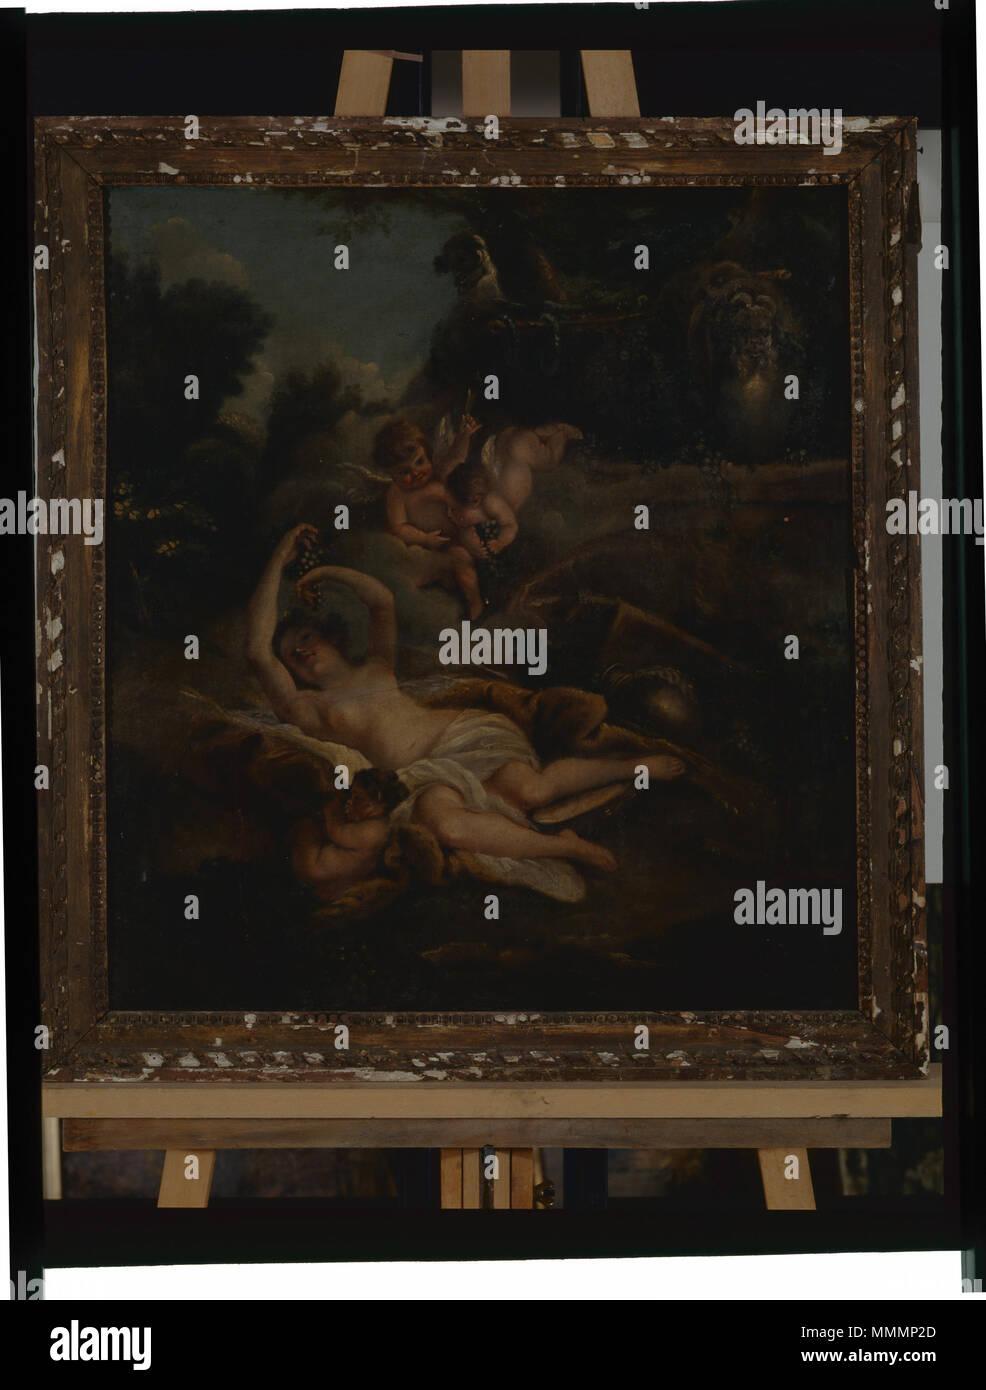 Femme nue couchée - anonyme - Musée d'art et d'histoire de Saint-Brieuc, 228 Foto Stock